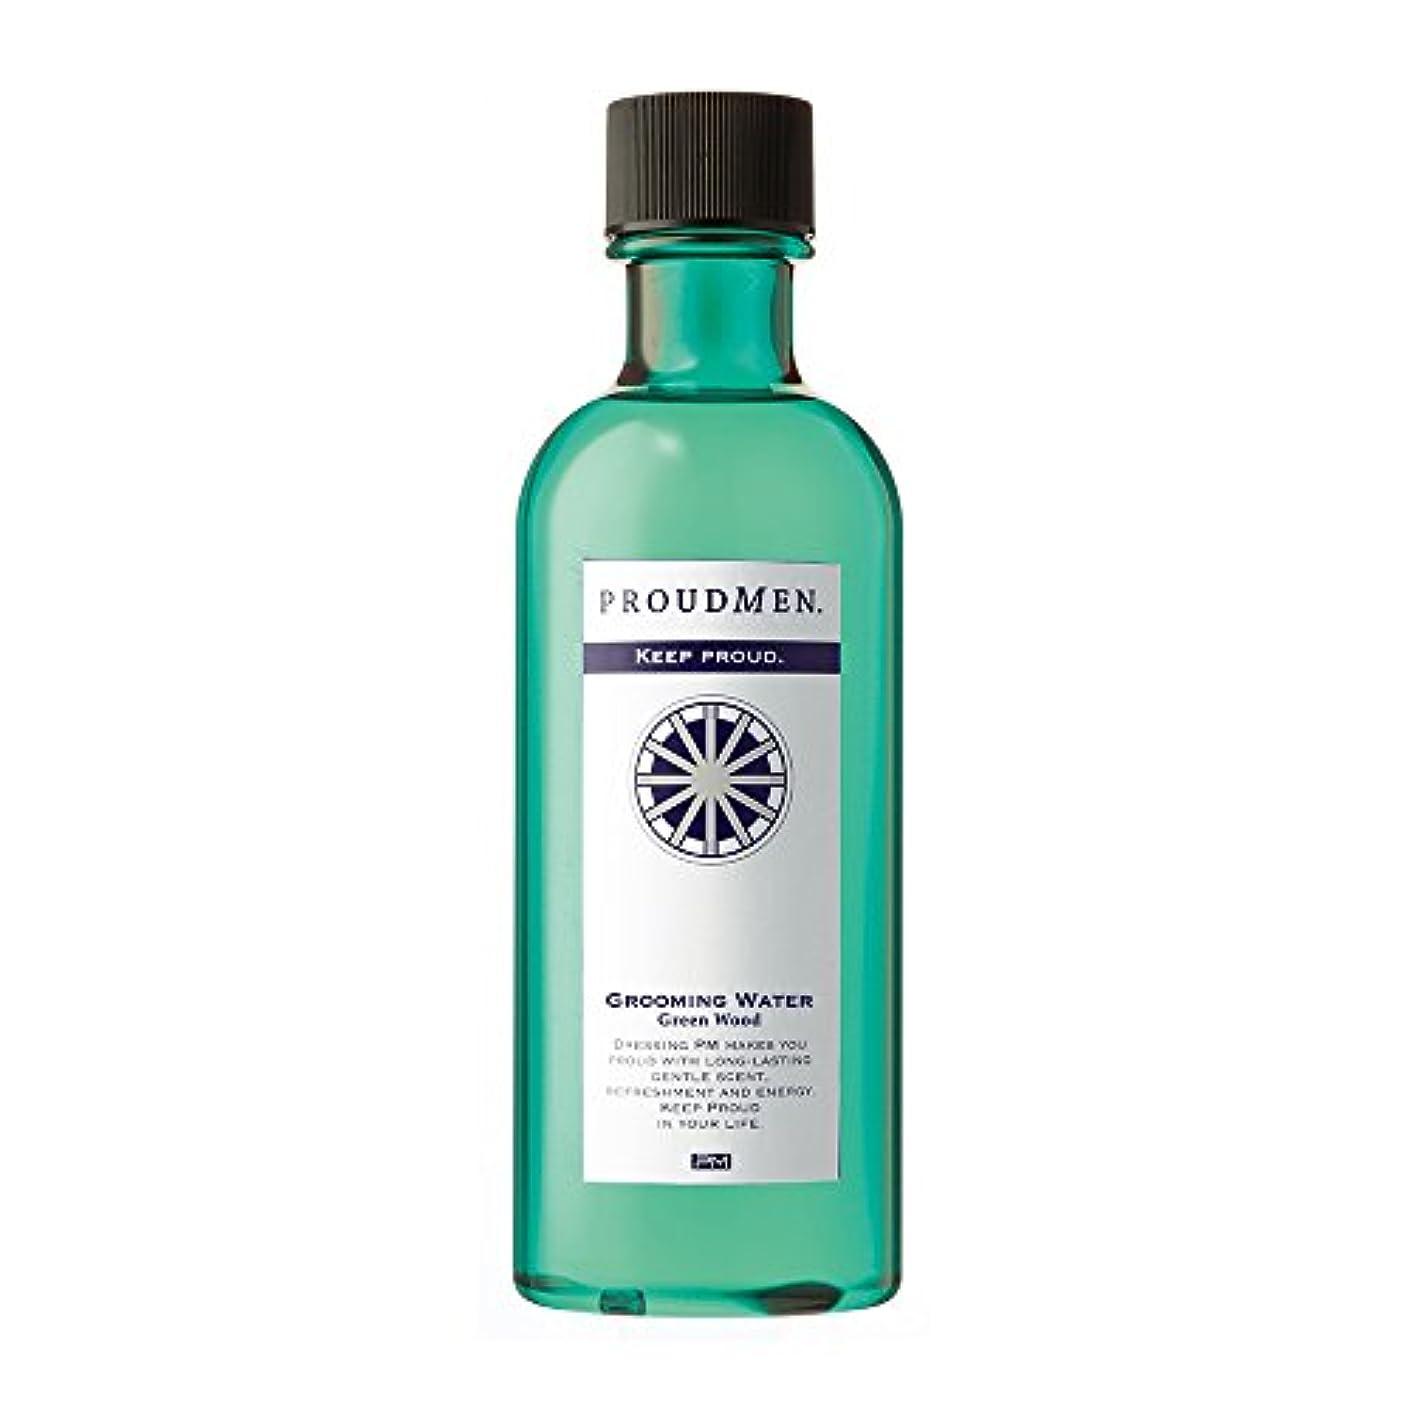 恥ずかしさ難しい章プラウドメン グルーミングウォーターGW 200ml (グリーンウッドの香り) 全身 ボディローション